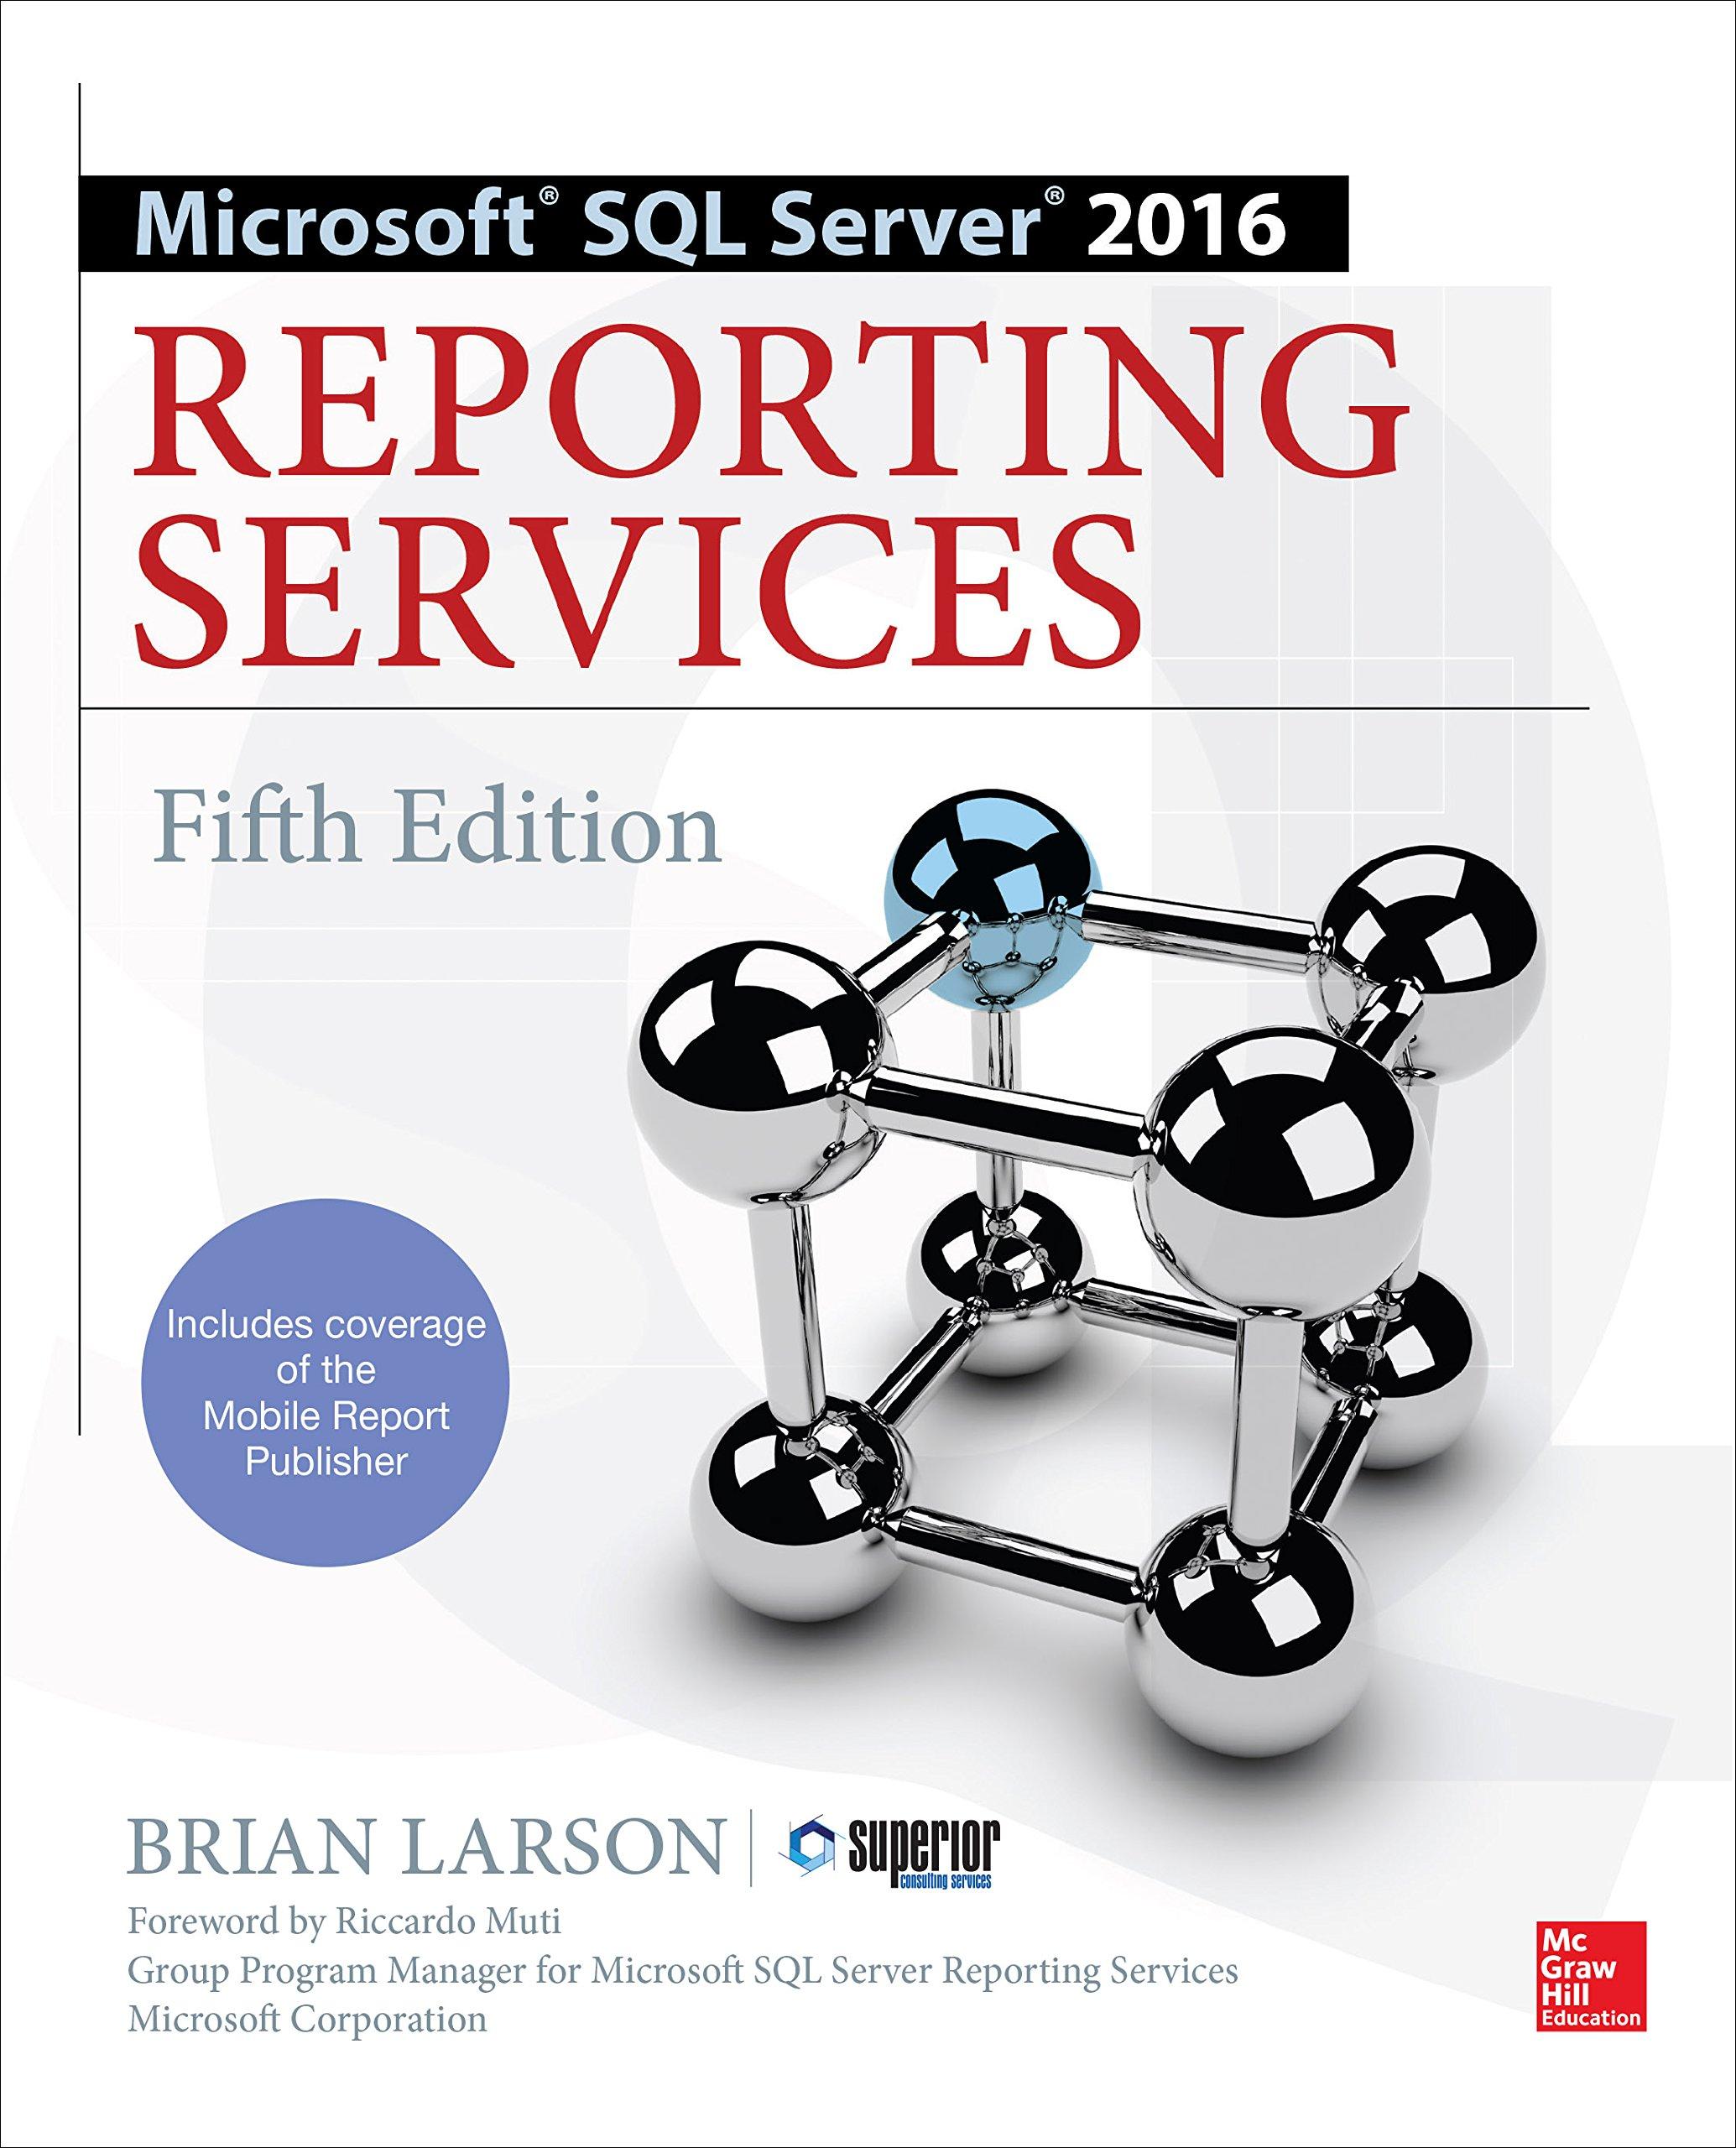 Amazon Com Microsoft Sql Server 2016 Reporting Services Fifth Edition Ebook Larson Brian Kindle Store